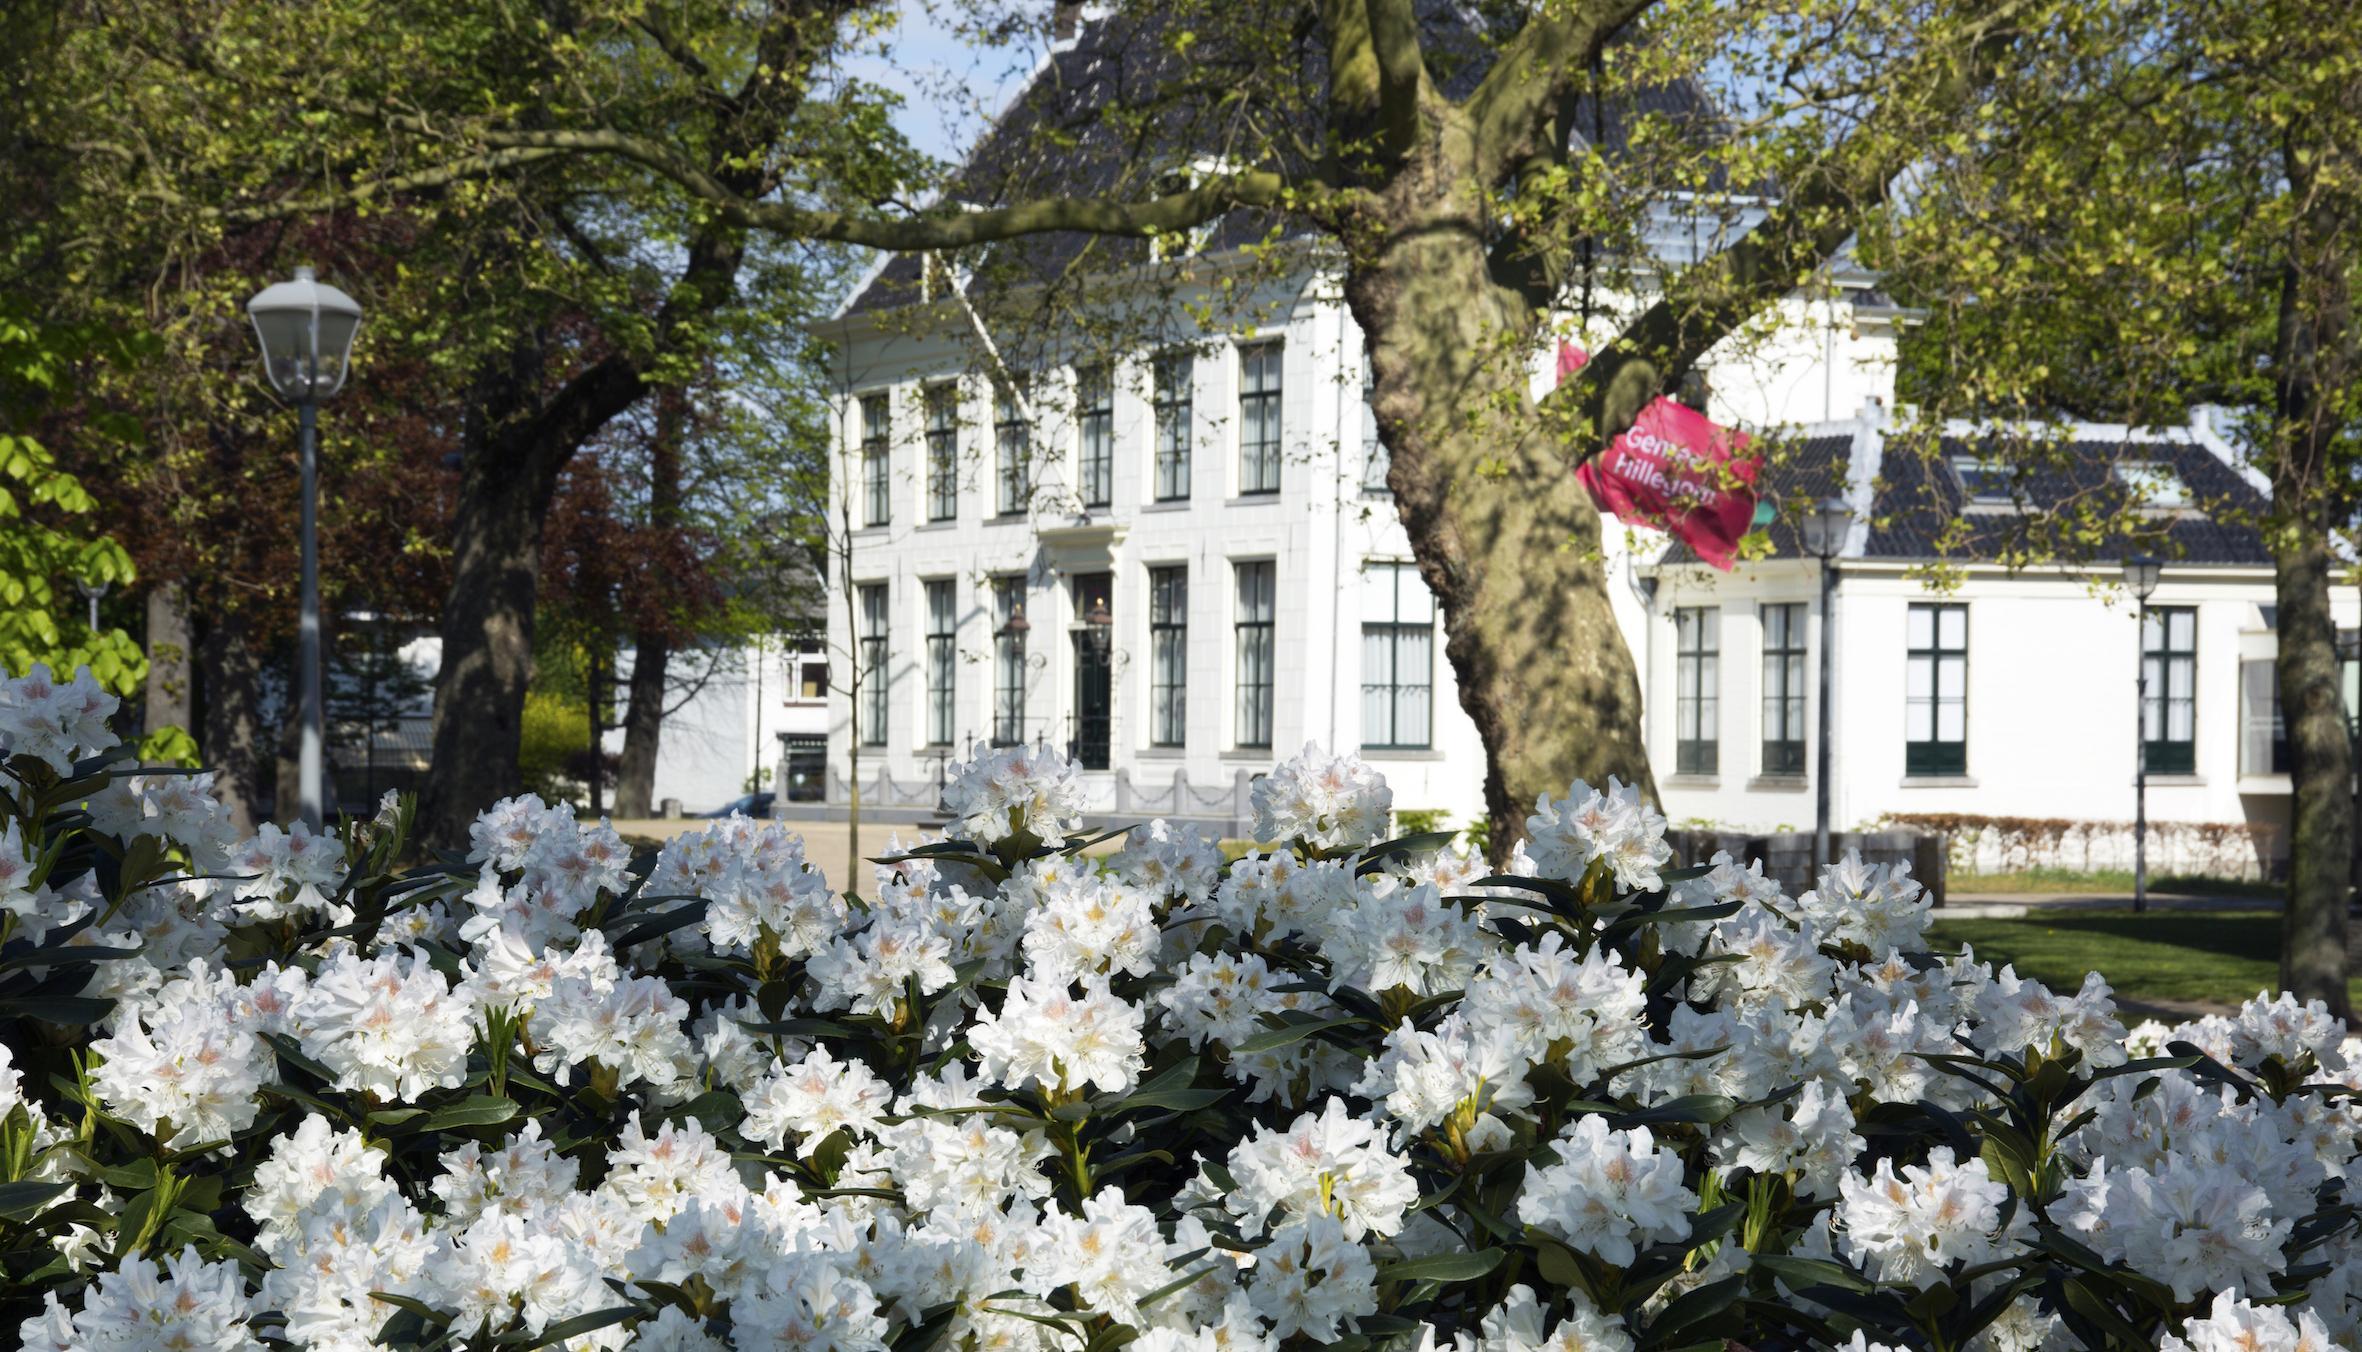 Twee winnaars bij fotowedstrijd 'Mijn favoriete Hillegomse gebouw'